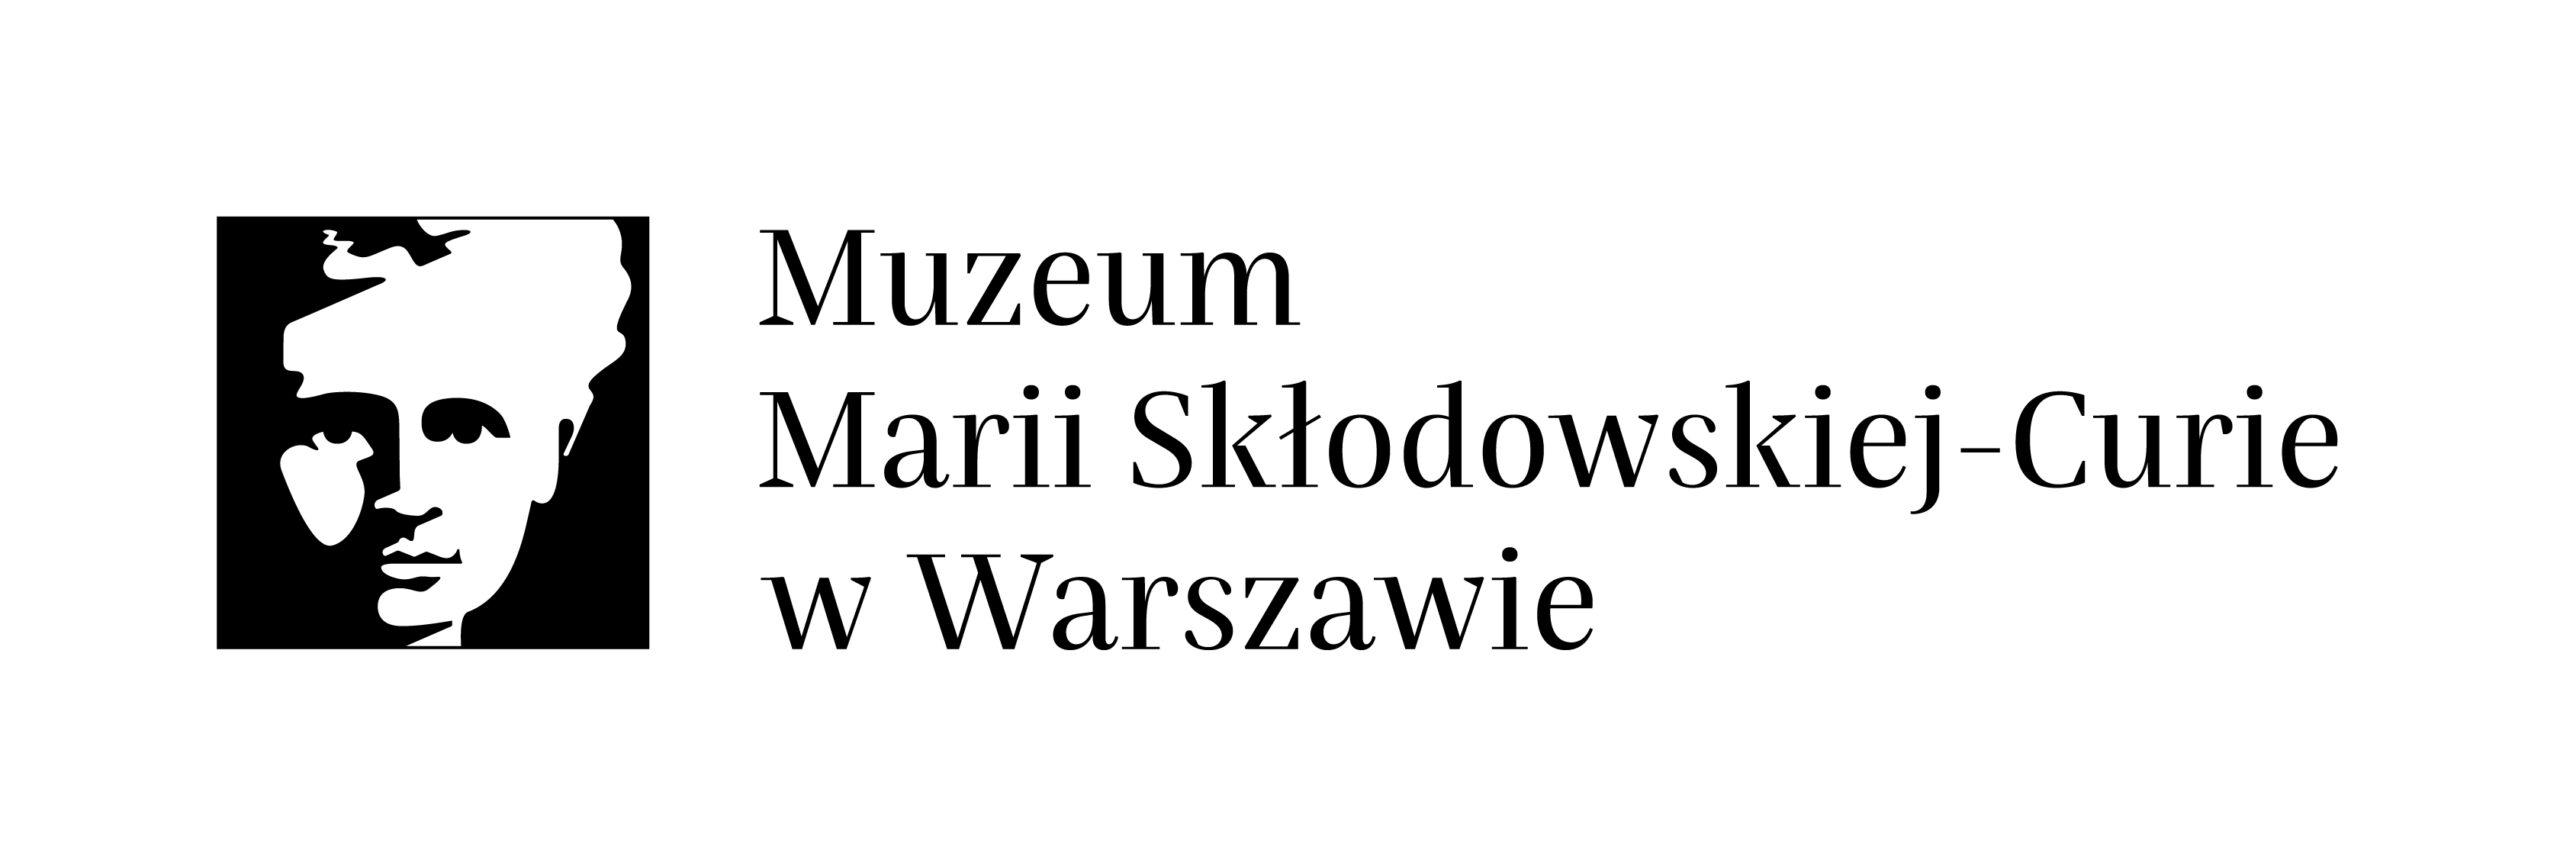 Logo Muzeum Marii Skłodowskiej-Curie w Warszawie